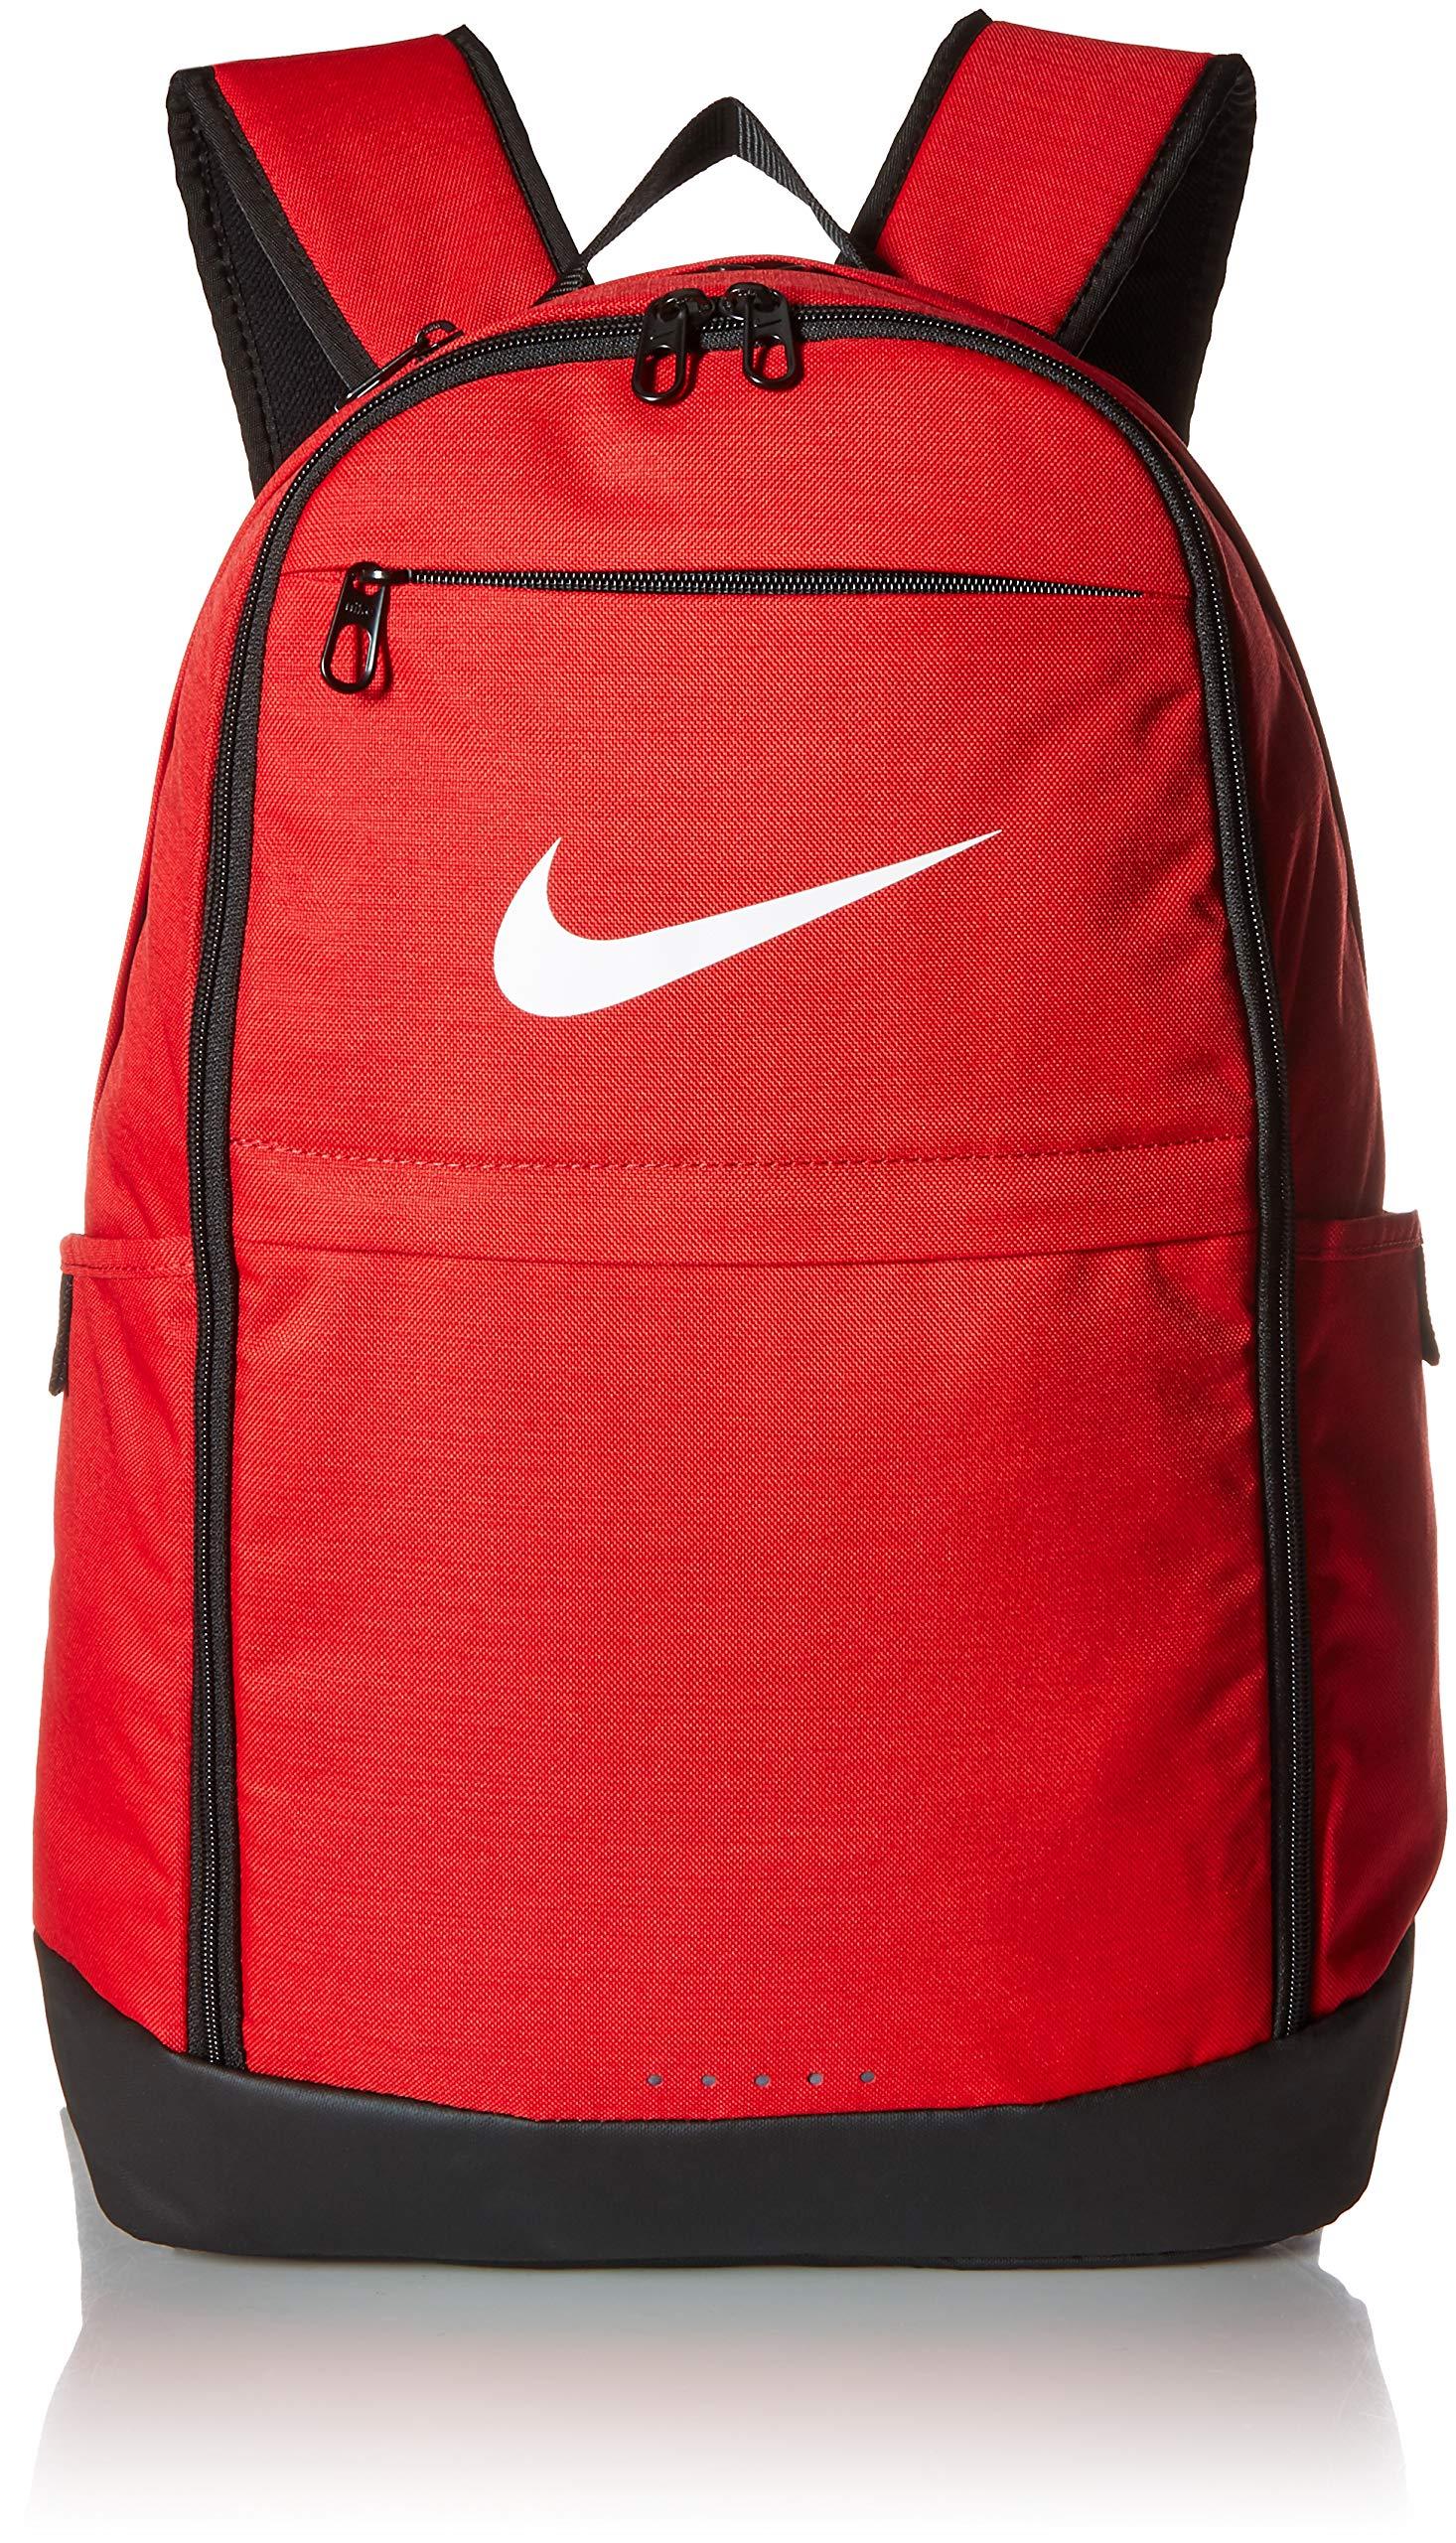 NIKE Brasilia Backpack, University Red/Black/White, X-Large